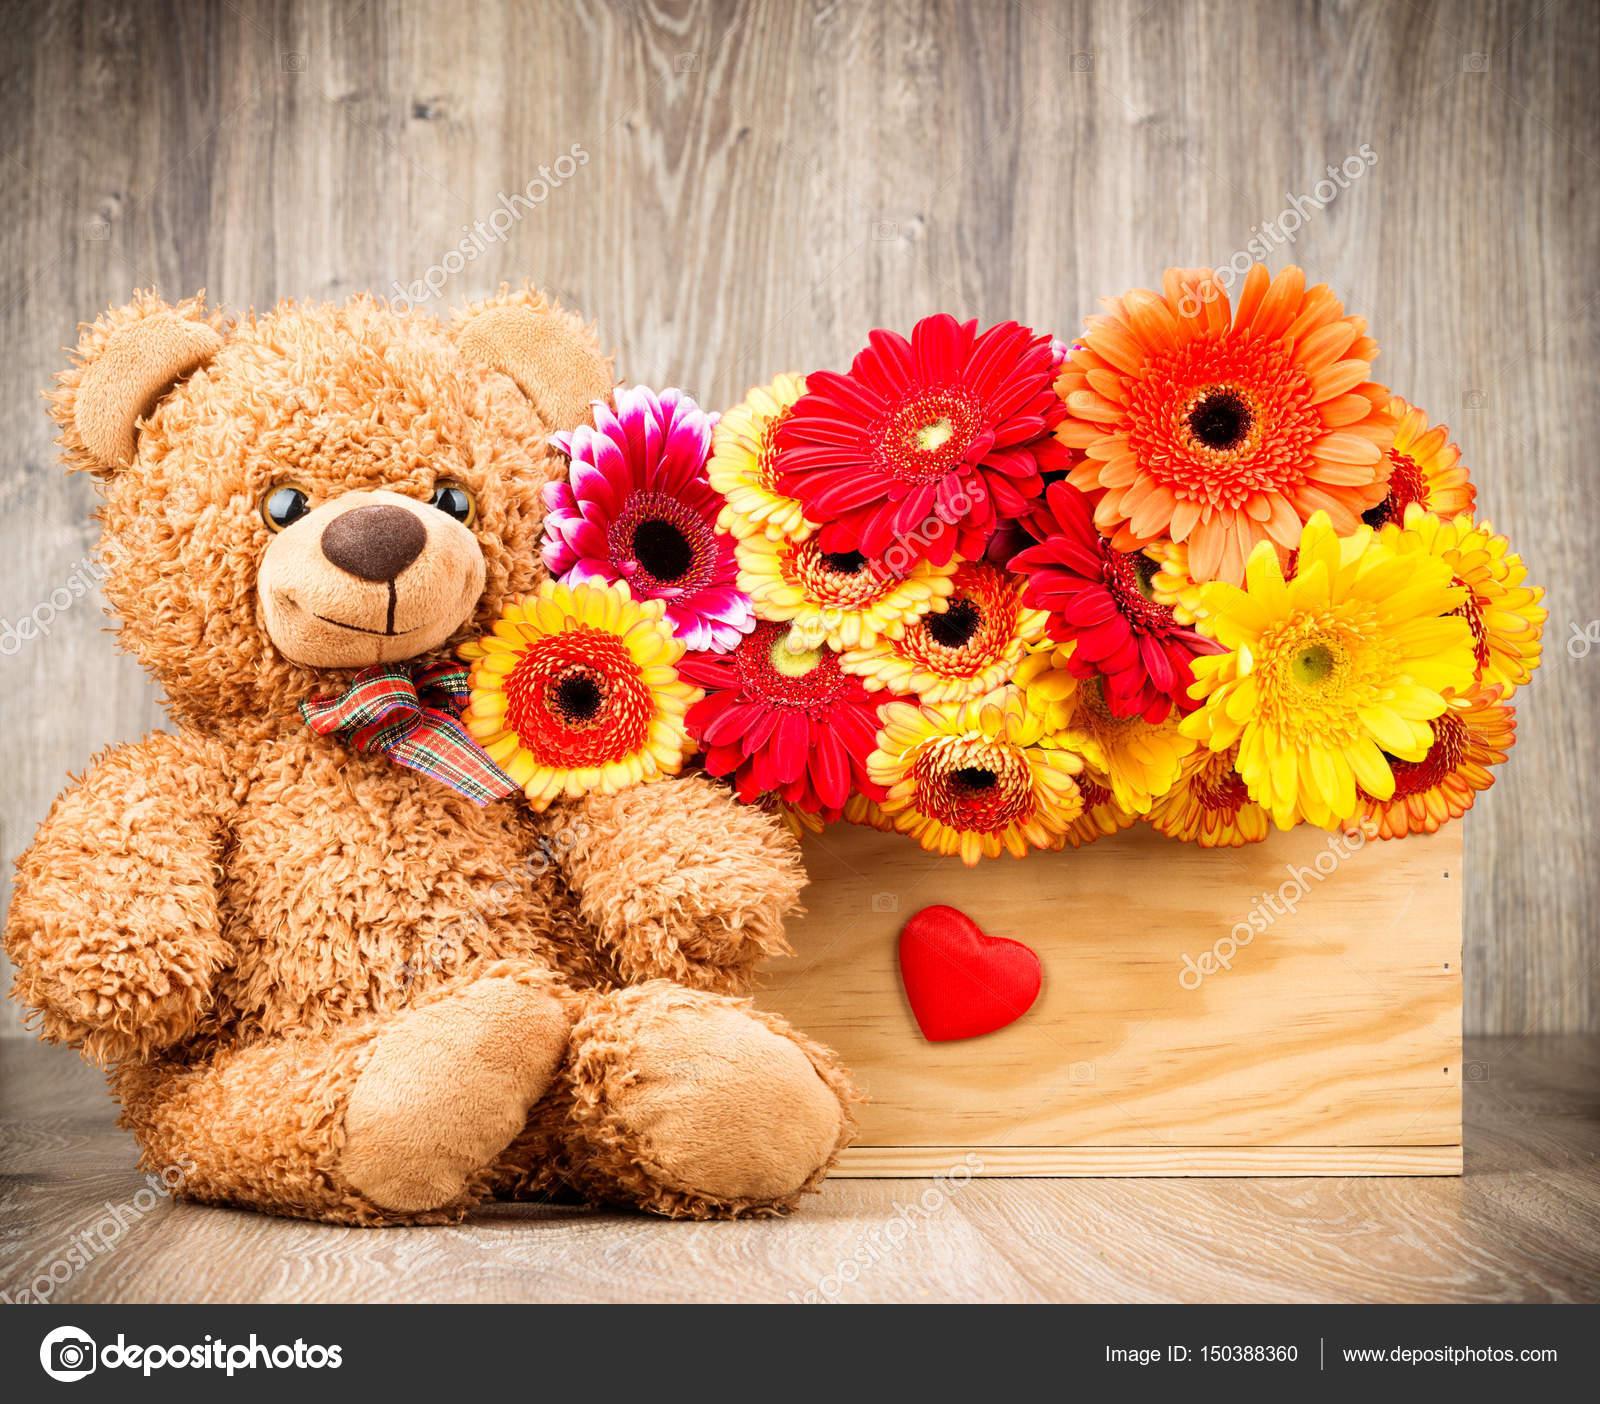 Flores e um ursinho de pelúcia em fundo de madeira — Fotografia de Stock d2befb644a4c8